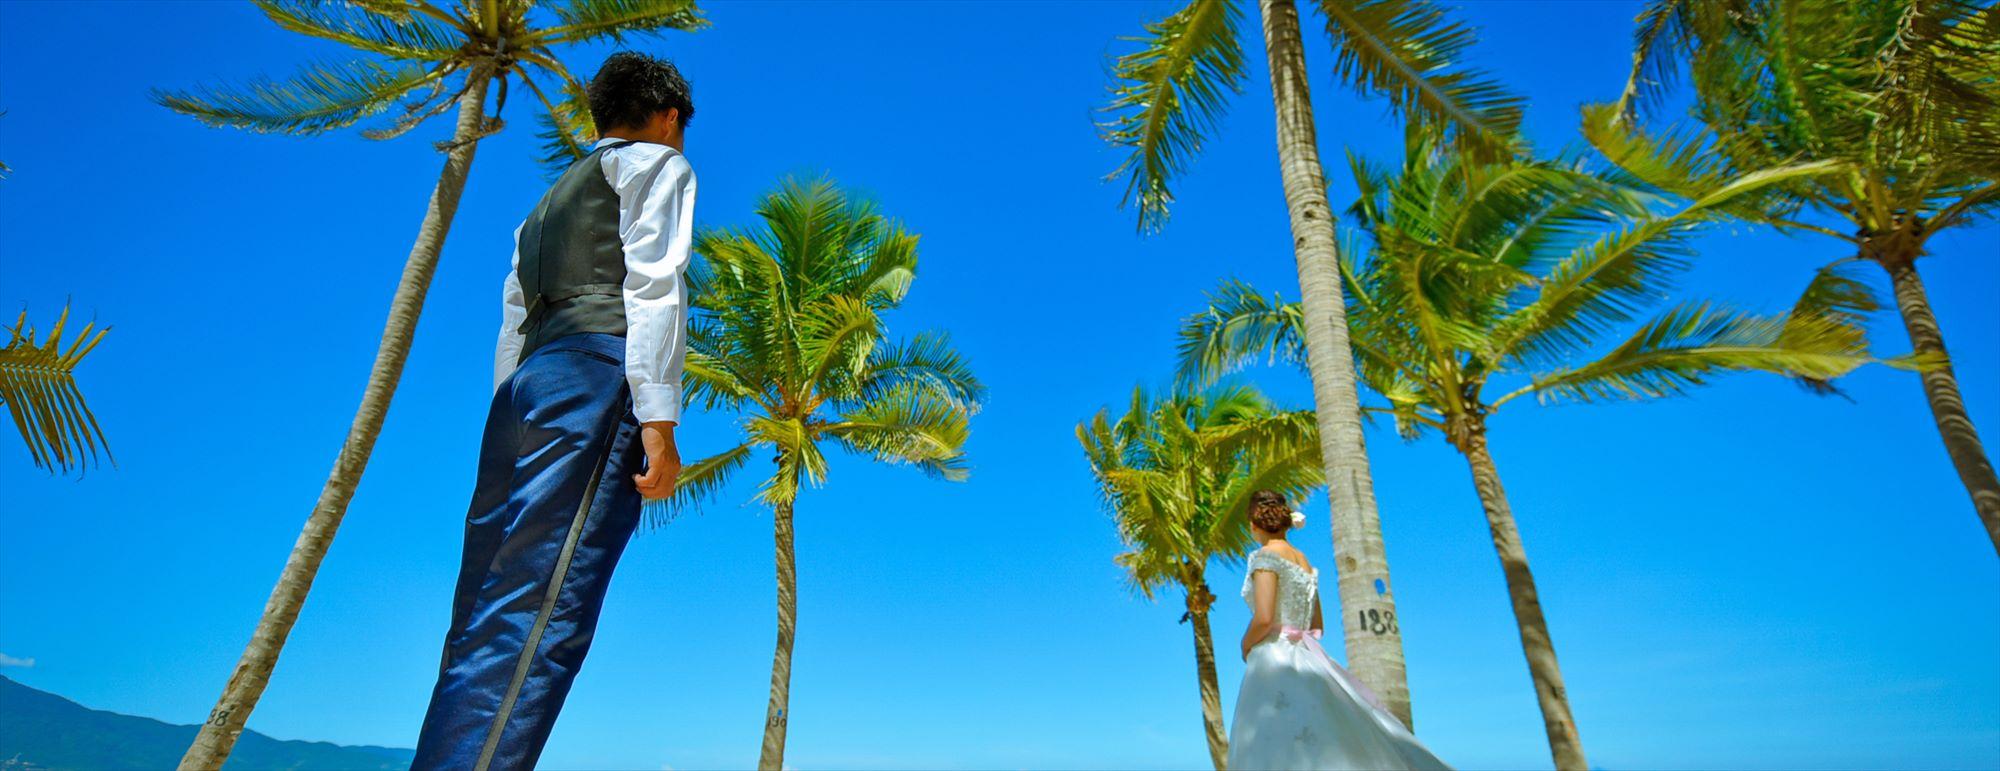 ベトナム・ダナン・ビーチフォト<br /> Premier Village Danang Resort<br /> プレミア・ビレッジ・ダナン・リゾート・ビーチ挙式